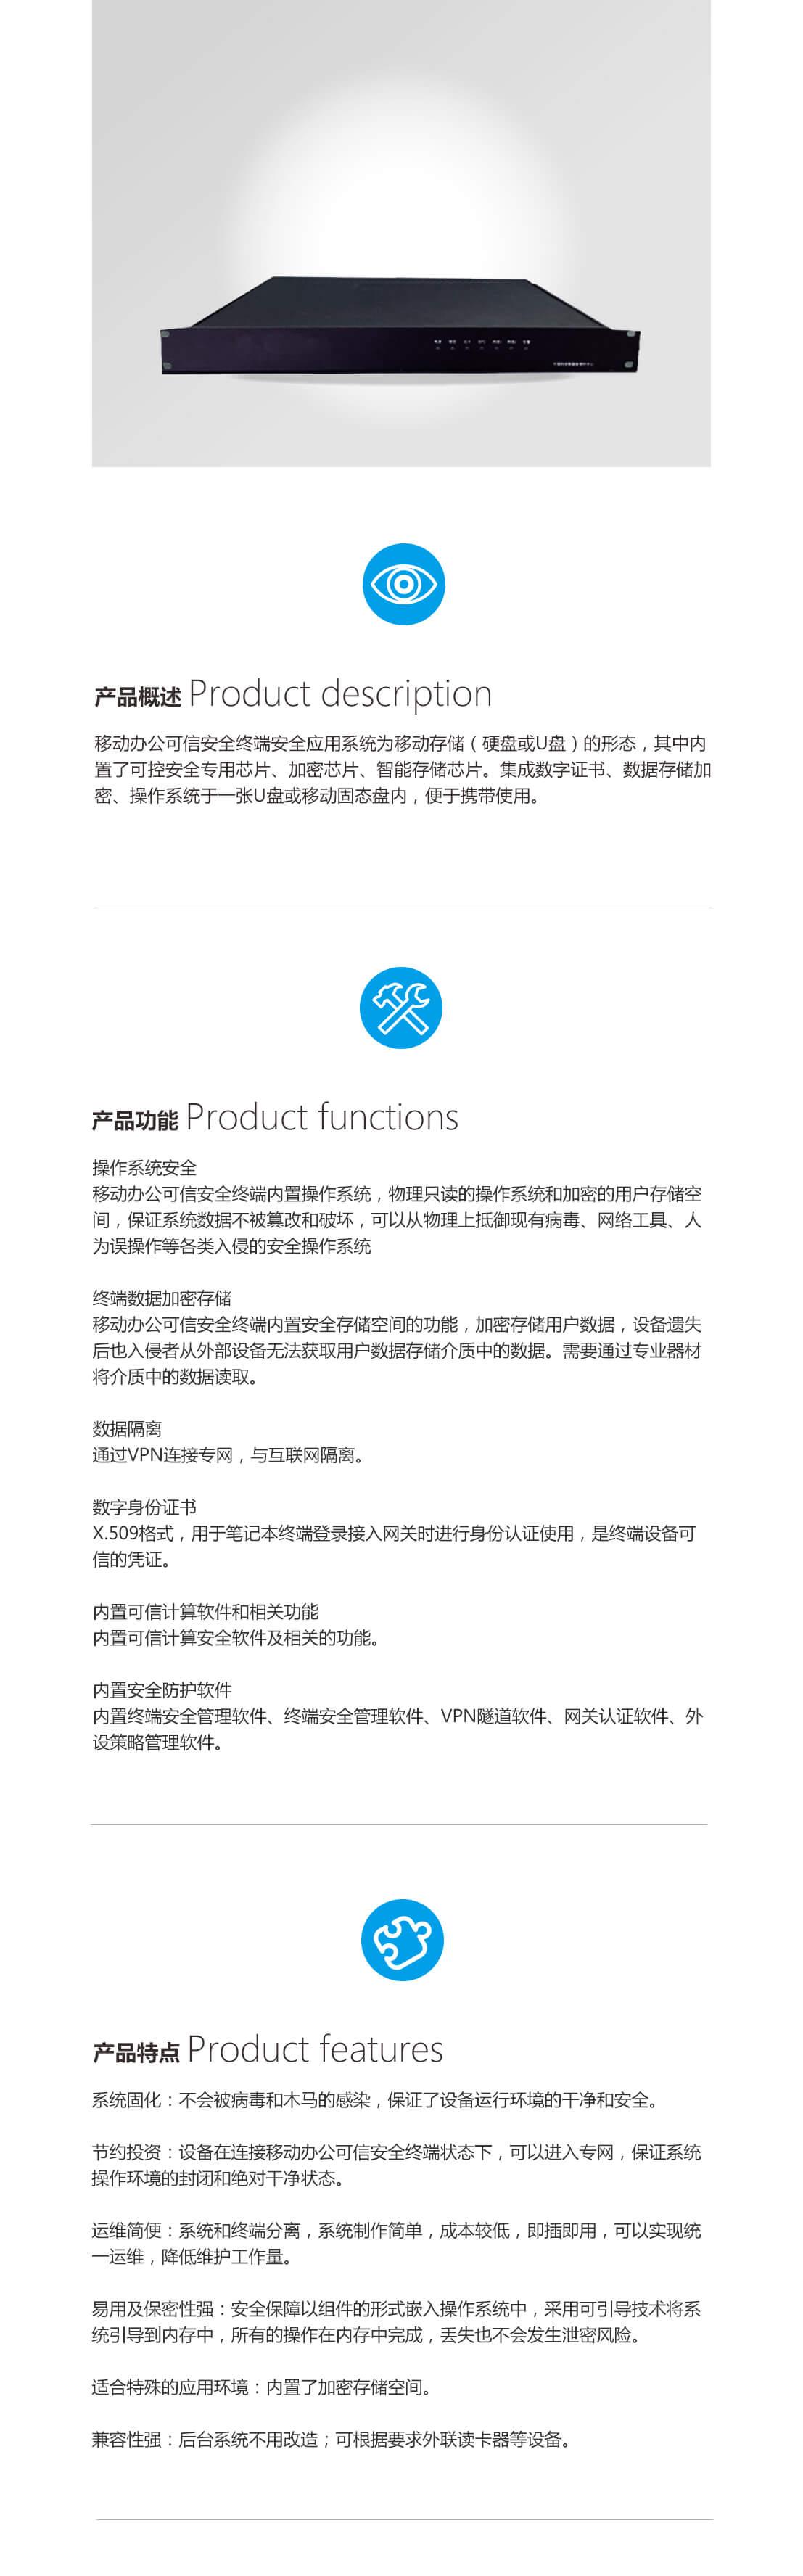 睿信志翔 移动办公可信安全终端安全应用系统.jpg